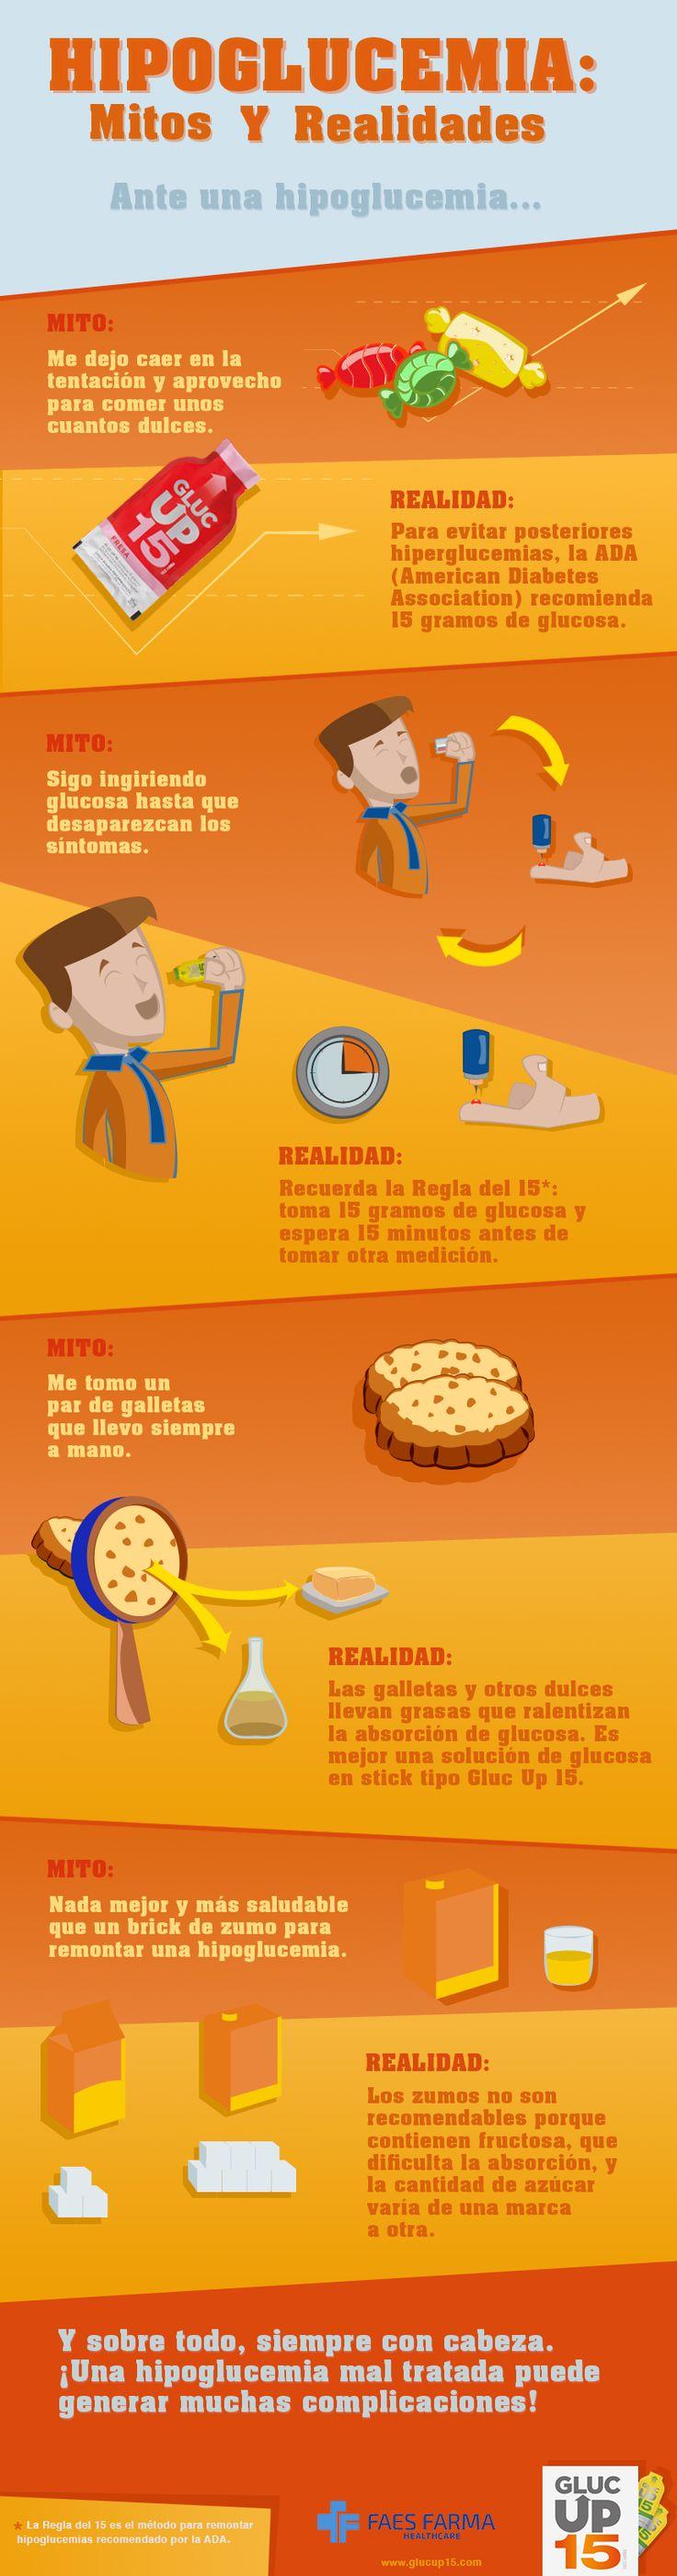 Publicamos de nuevo la infografía sobre mitos y realidades de las hipoglucemias :) #diabetes #hipoglucemia